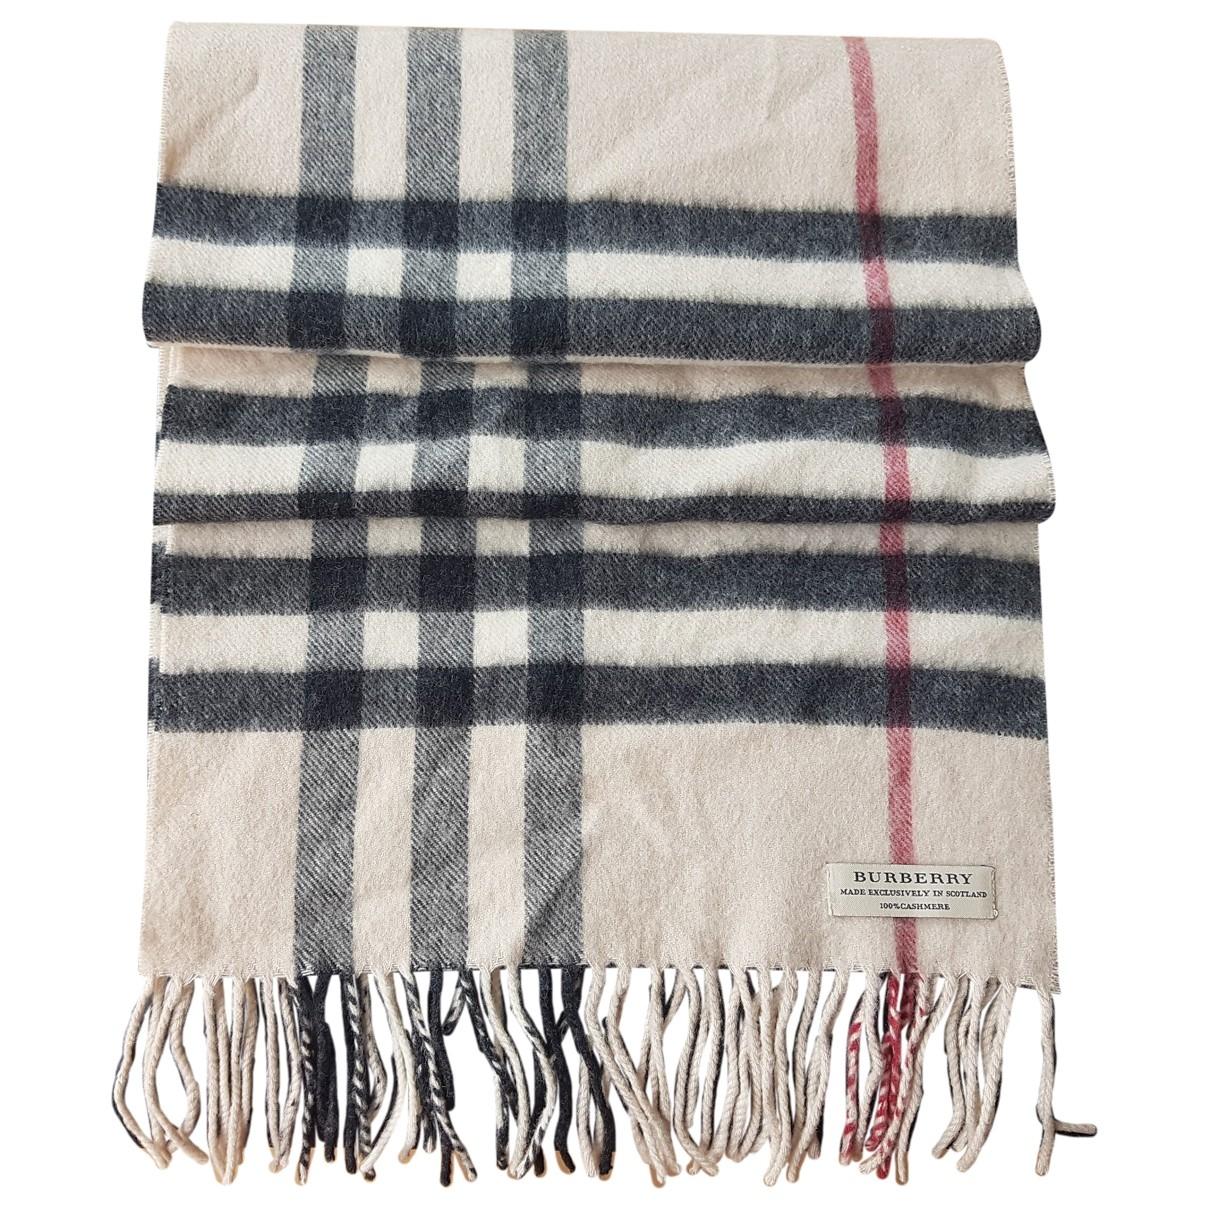 Burberry \N Beige Cashmere scarf & pocket squares for Men \N